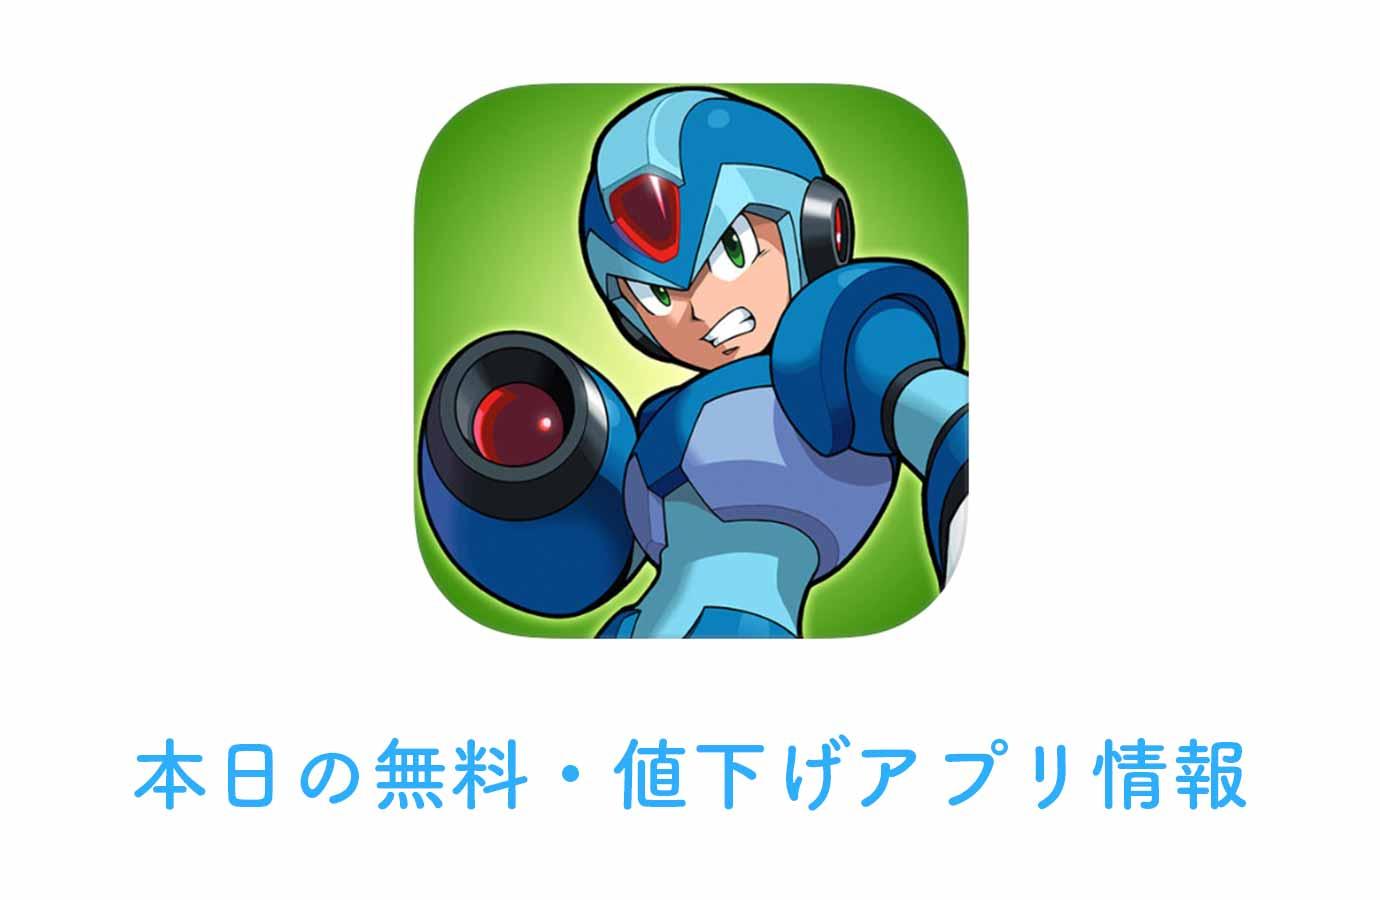 【80%オフ】名作アクションゲーム「ロックマンX」など【2/4】本日の無料・値下げアプリ情報